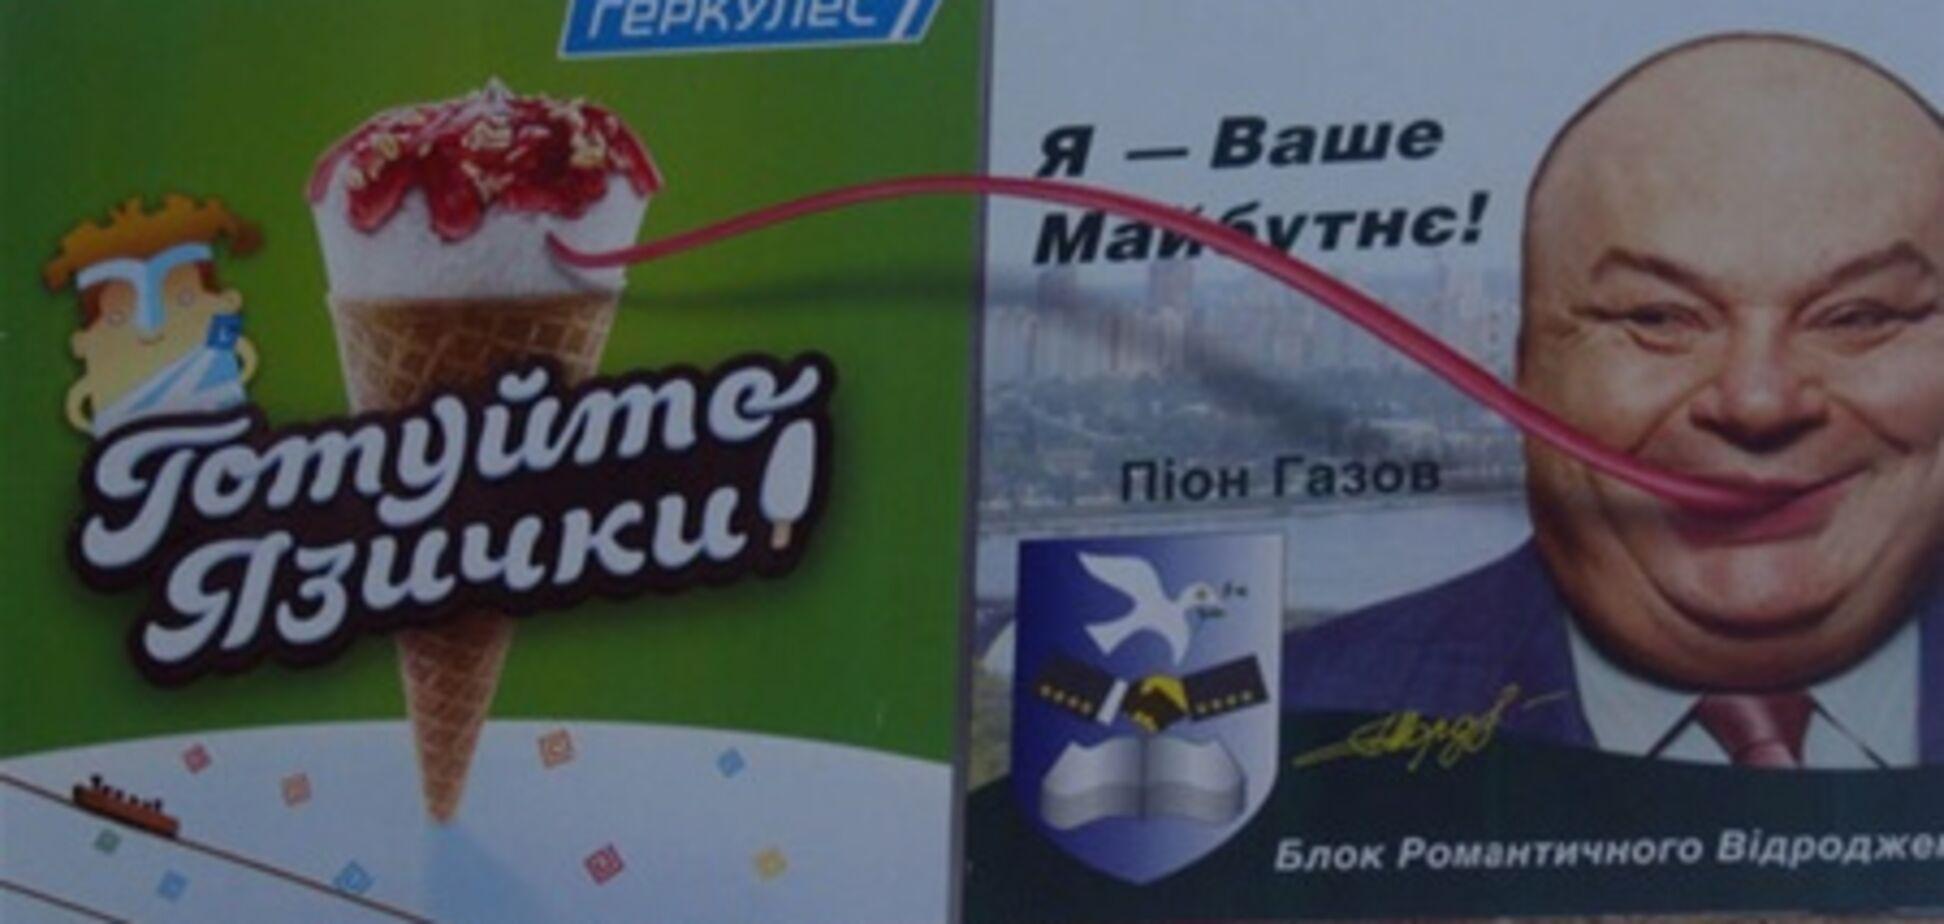 Морозивників оштрафували за непристойну рекламу в Донецьку. Фото